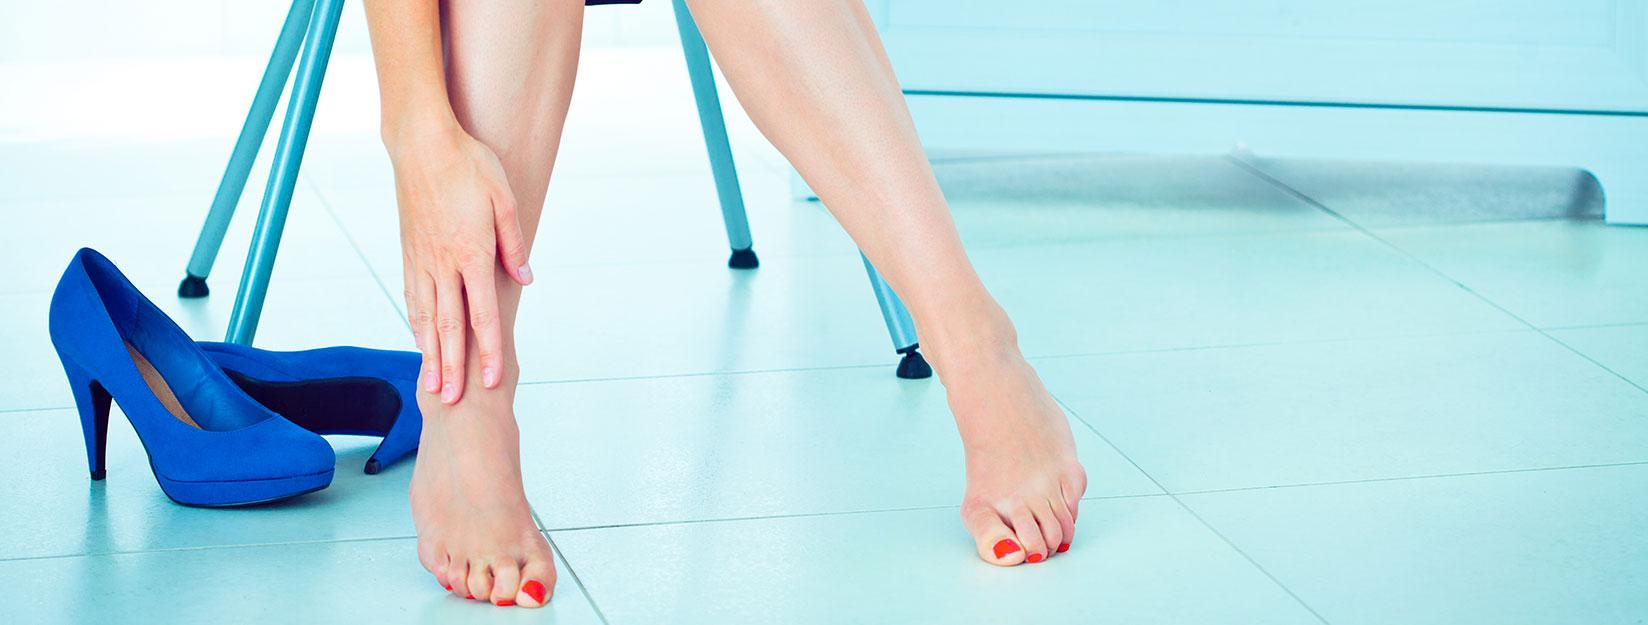 Taco alto y sus efectos en los dedos de los pies - Marzo | Clínica ...